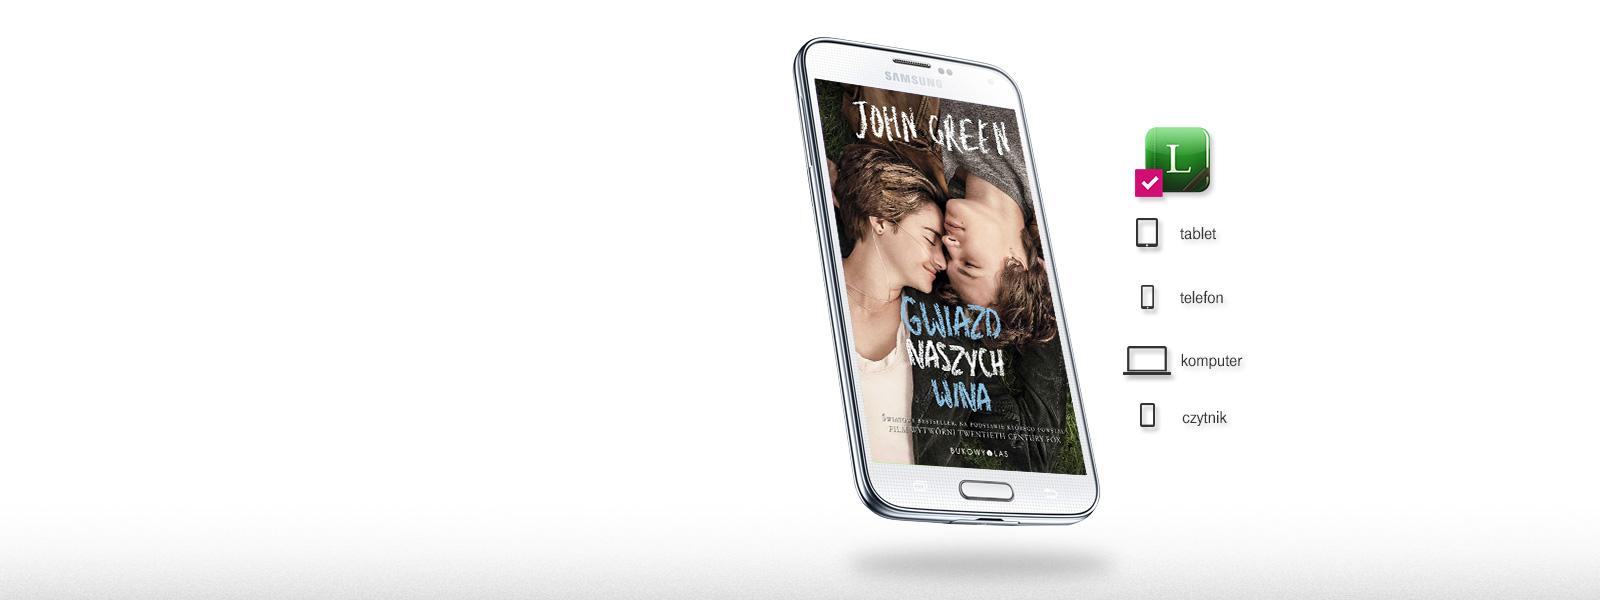 Nowa propozycja T-Mobile najbardziej przypadnie do gustu… fanom książek